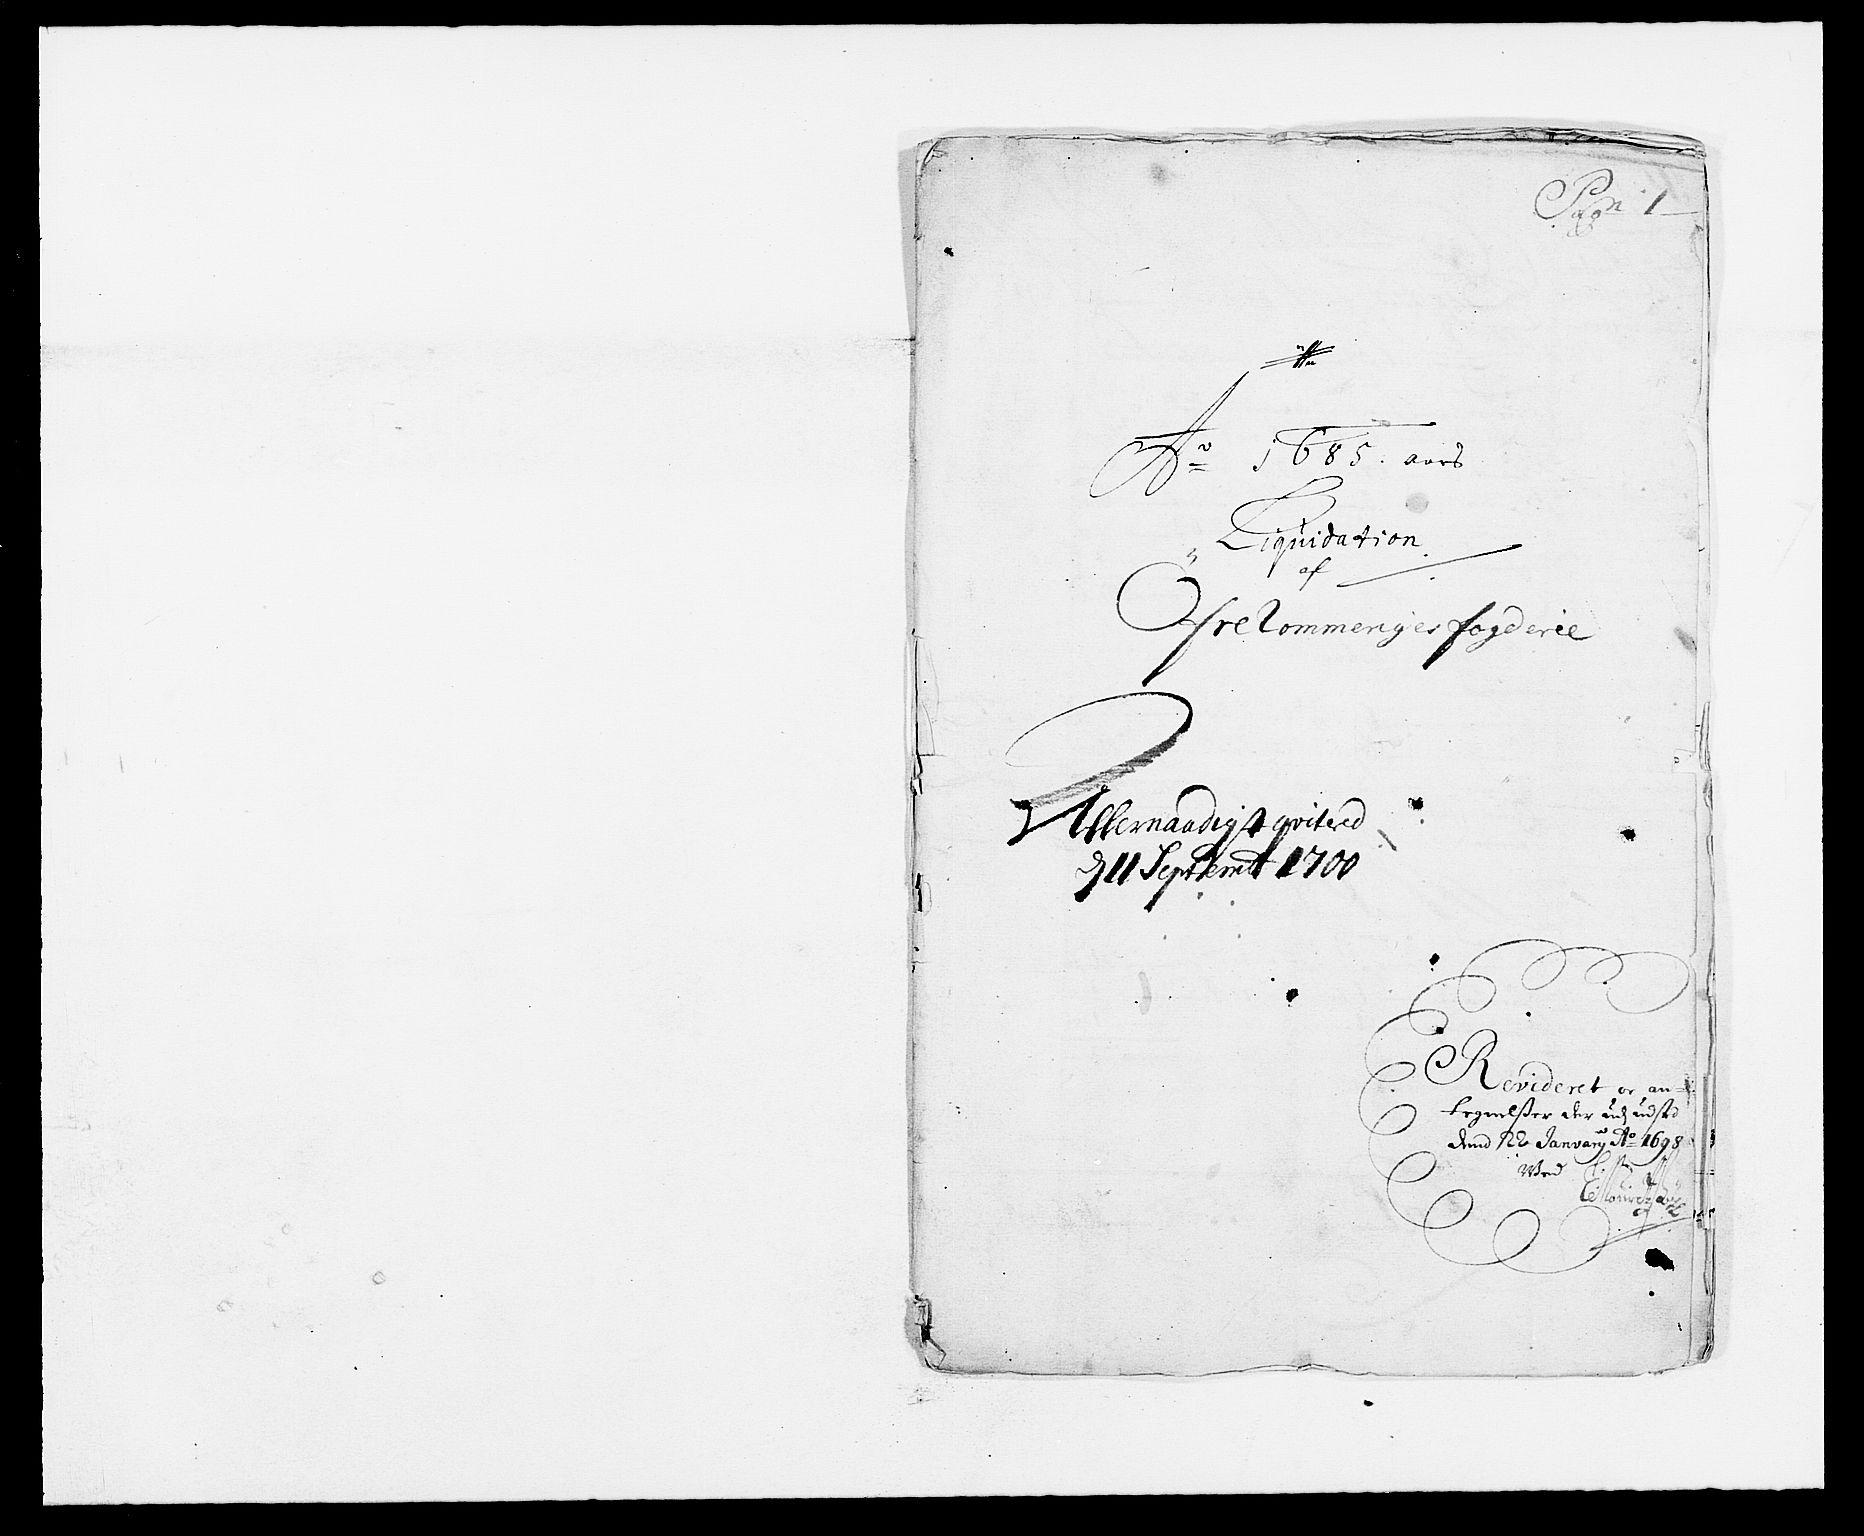 RA, Rentekammeret inntil 1814, Reviderte regnskaper, Fogderegnskap, R12/L0699: Fogderegnskap Øvre Romerike, 1685-1686, s. 84